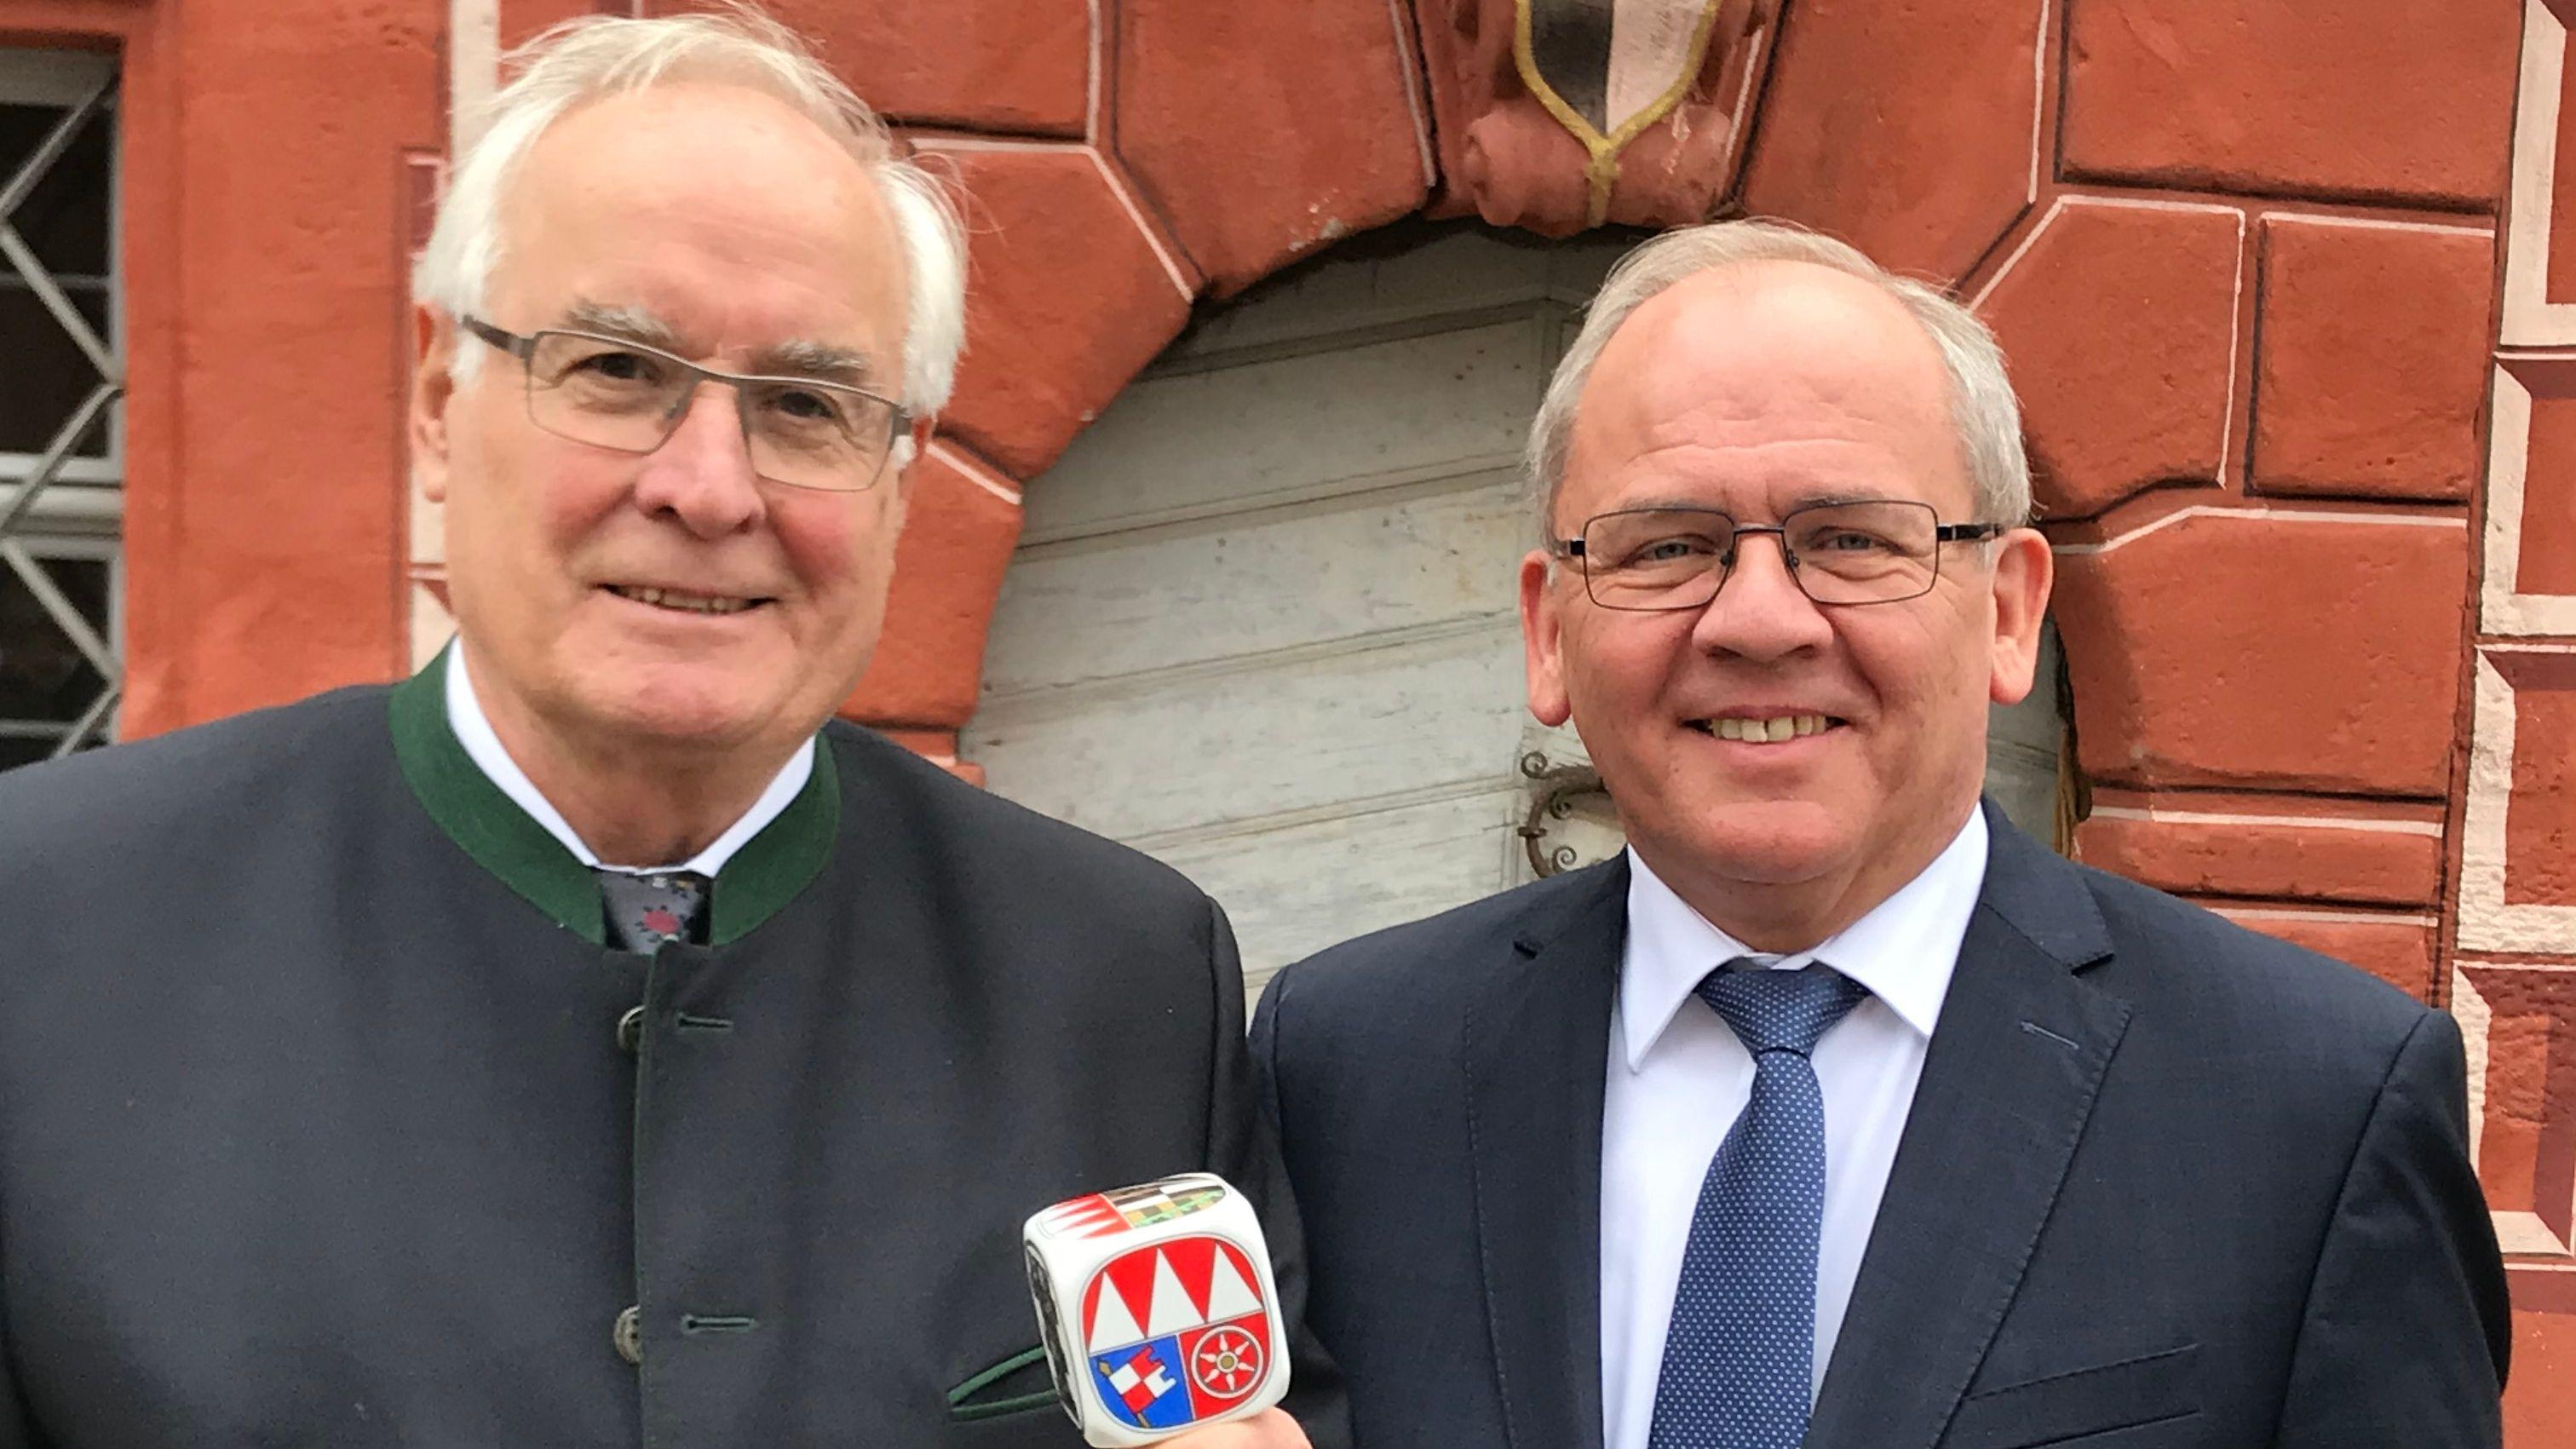 Der unterfränkische Heimatpfleger Karl-Heinz Wolbert (links) ist mit Frankenwürfel ausgezeichnet worden.